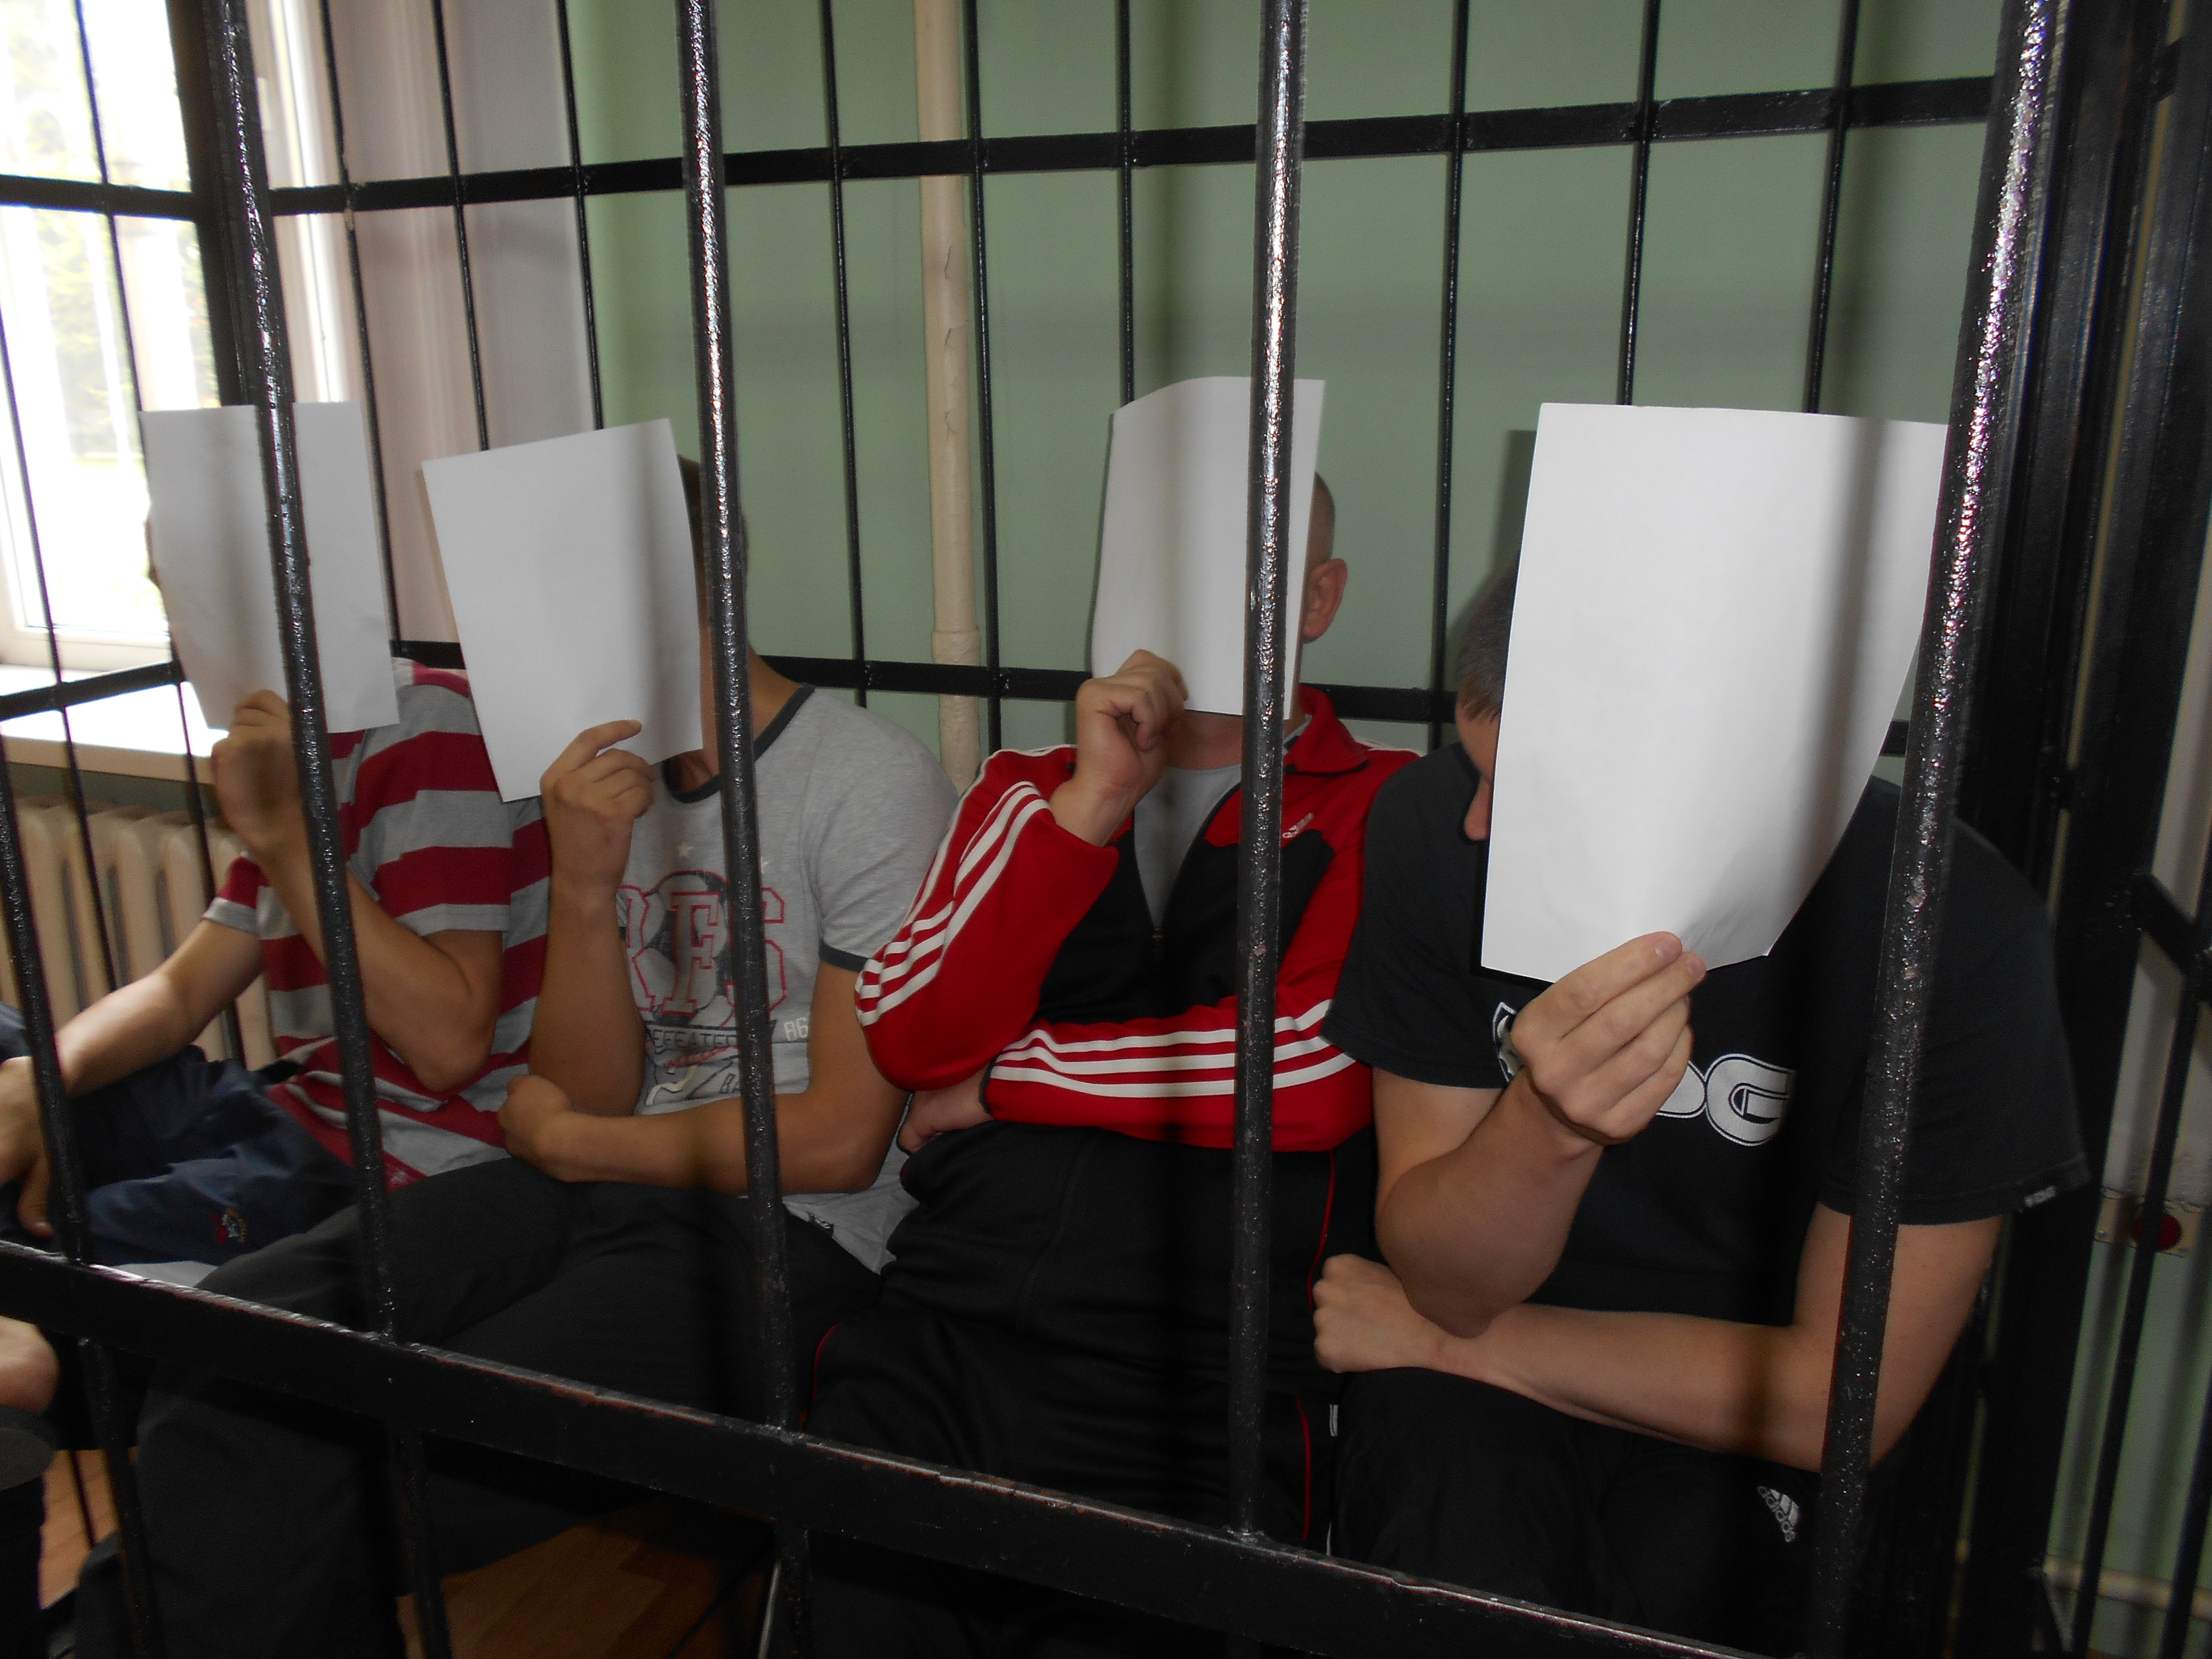 досуг в новокузнецке проститутки